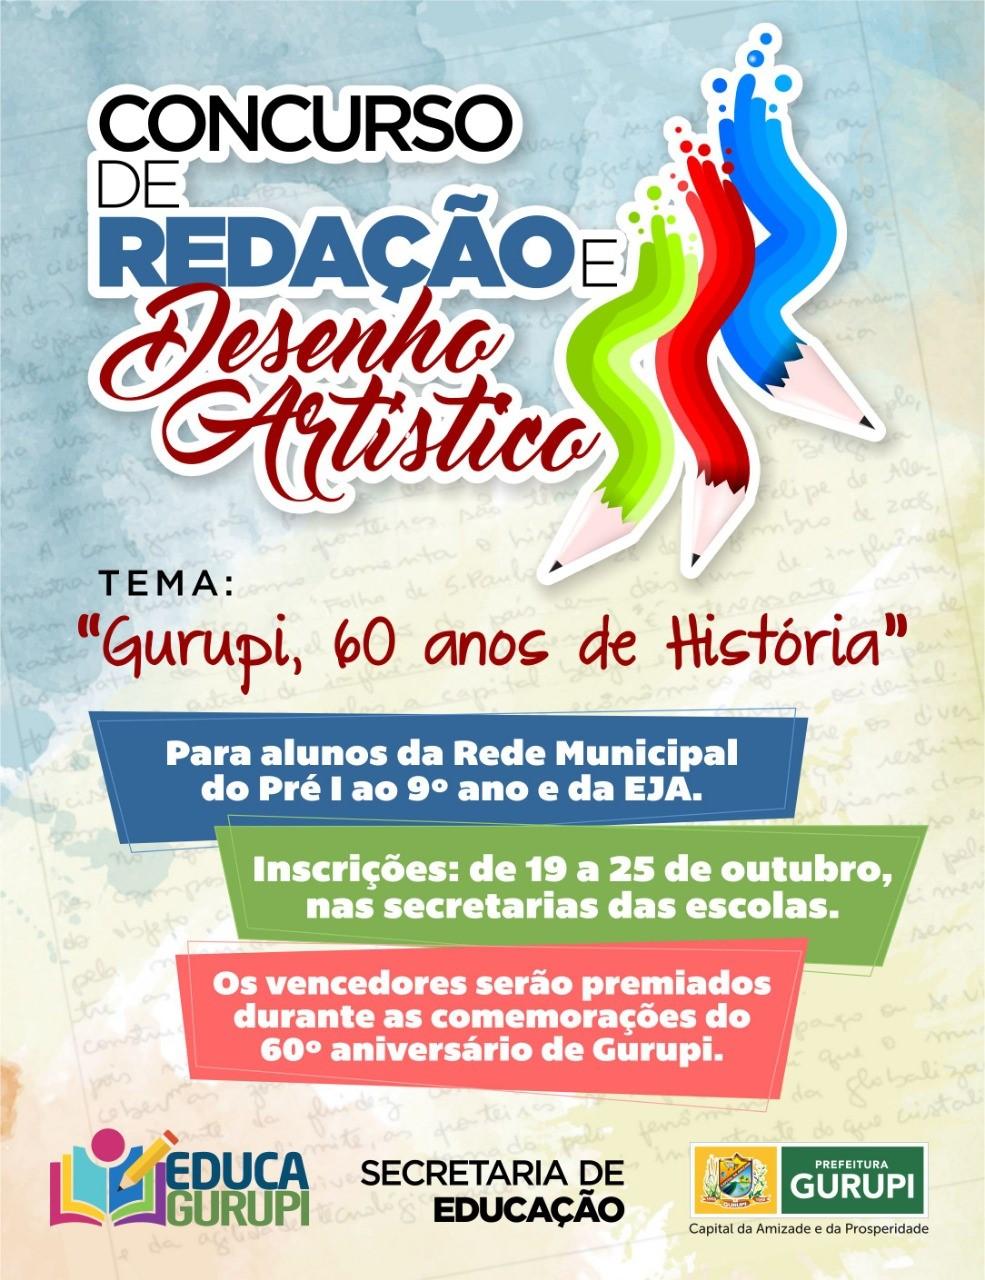 Secretaria de Educação lança concurso de redação e desenho em comemoração ao aniversário de Gurupi